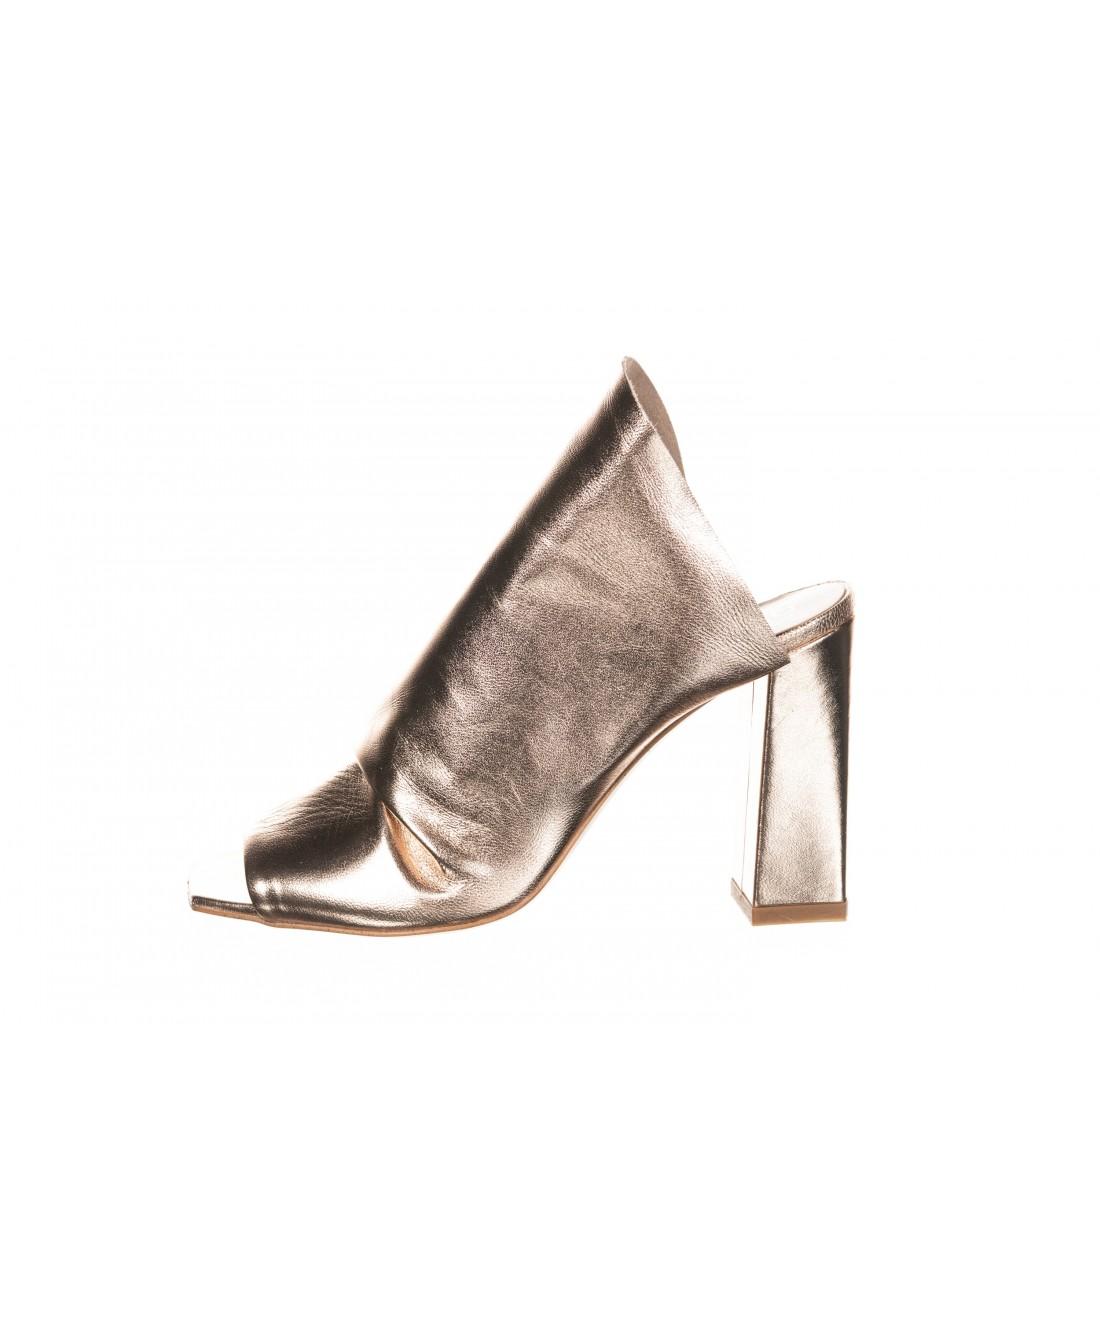 sandale moderne signée OSMOSE paris : mule laminé saumon à